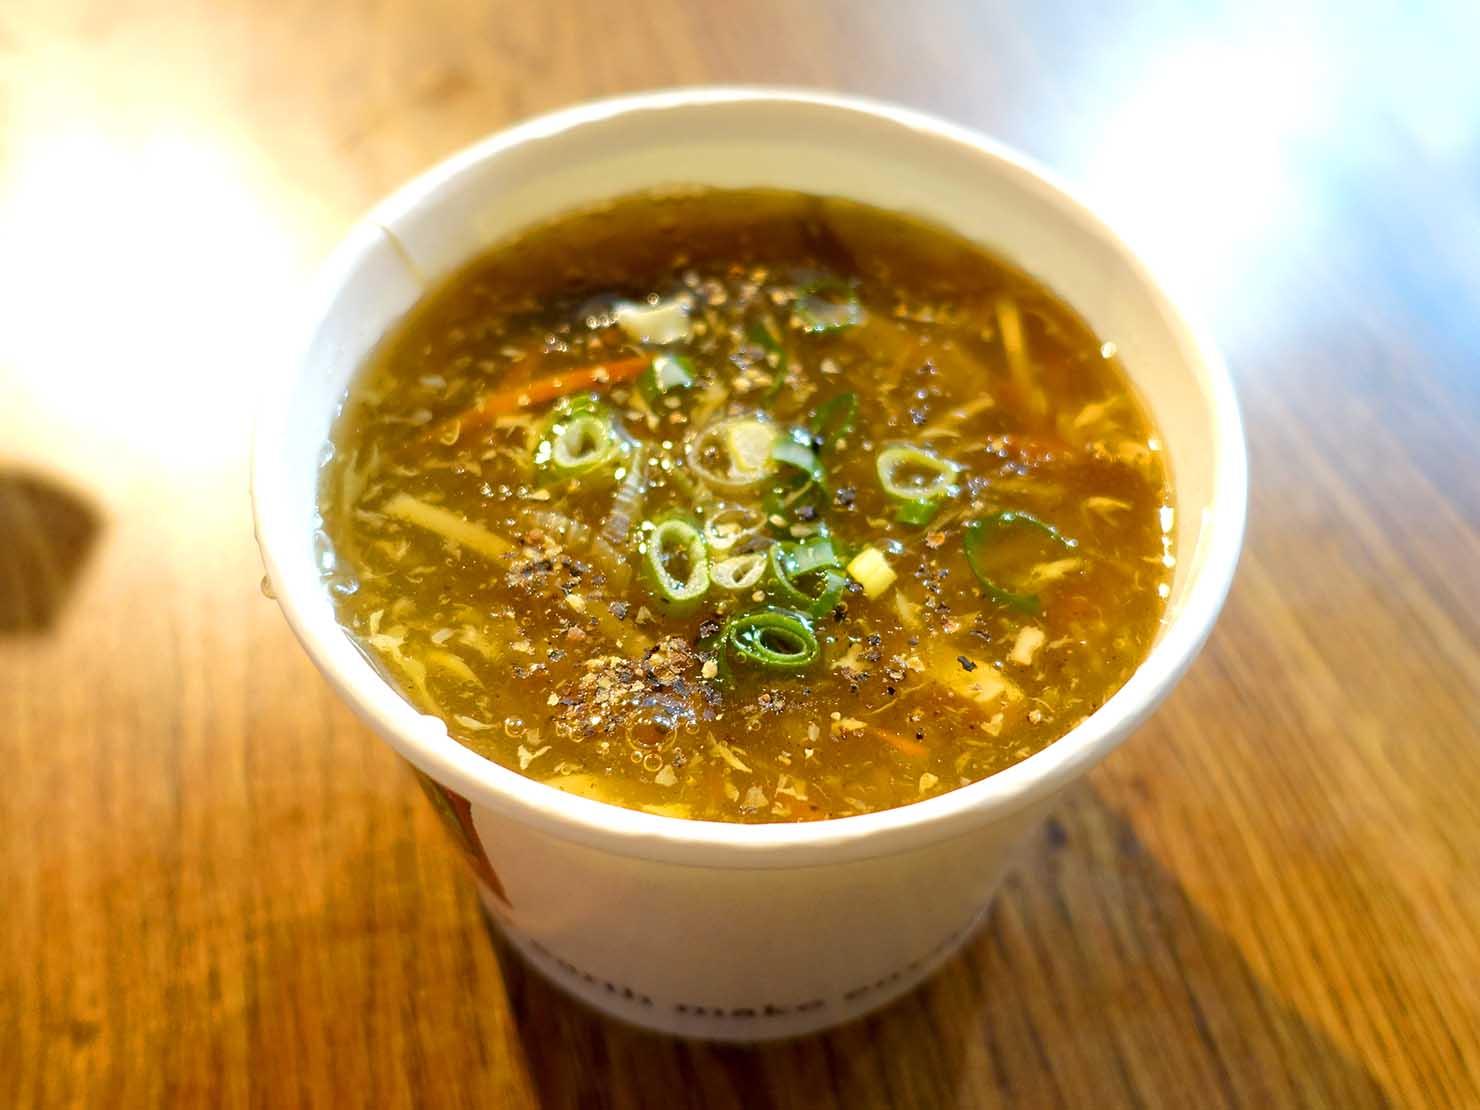 台北・西門町のおすすめグルメ店「梁山泊小籠湯包」の酸辣湯